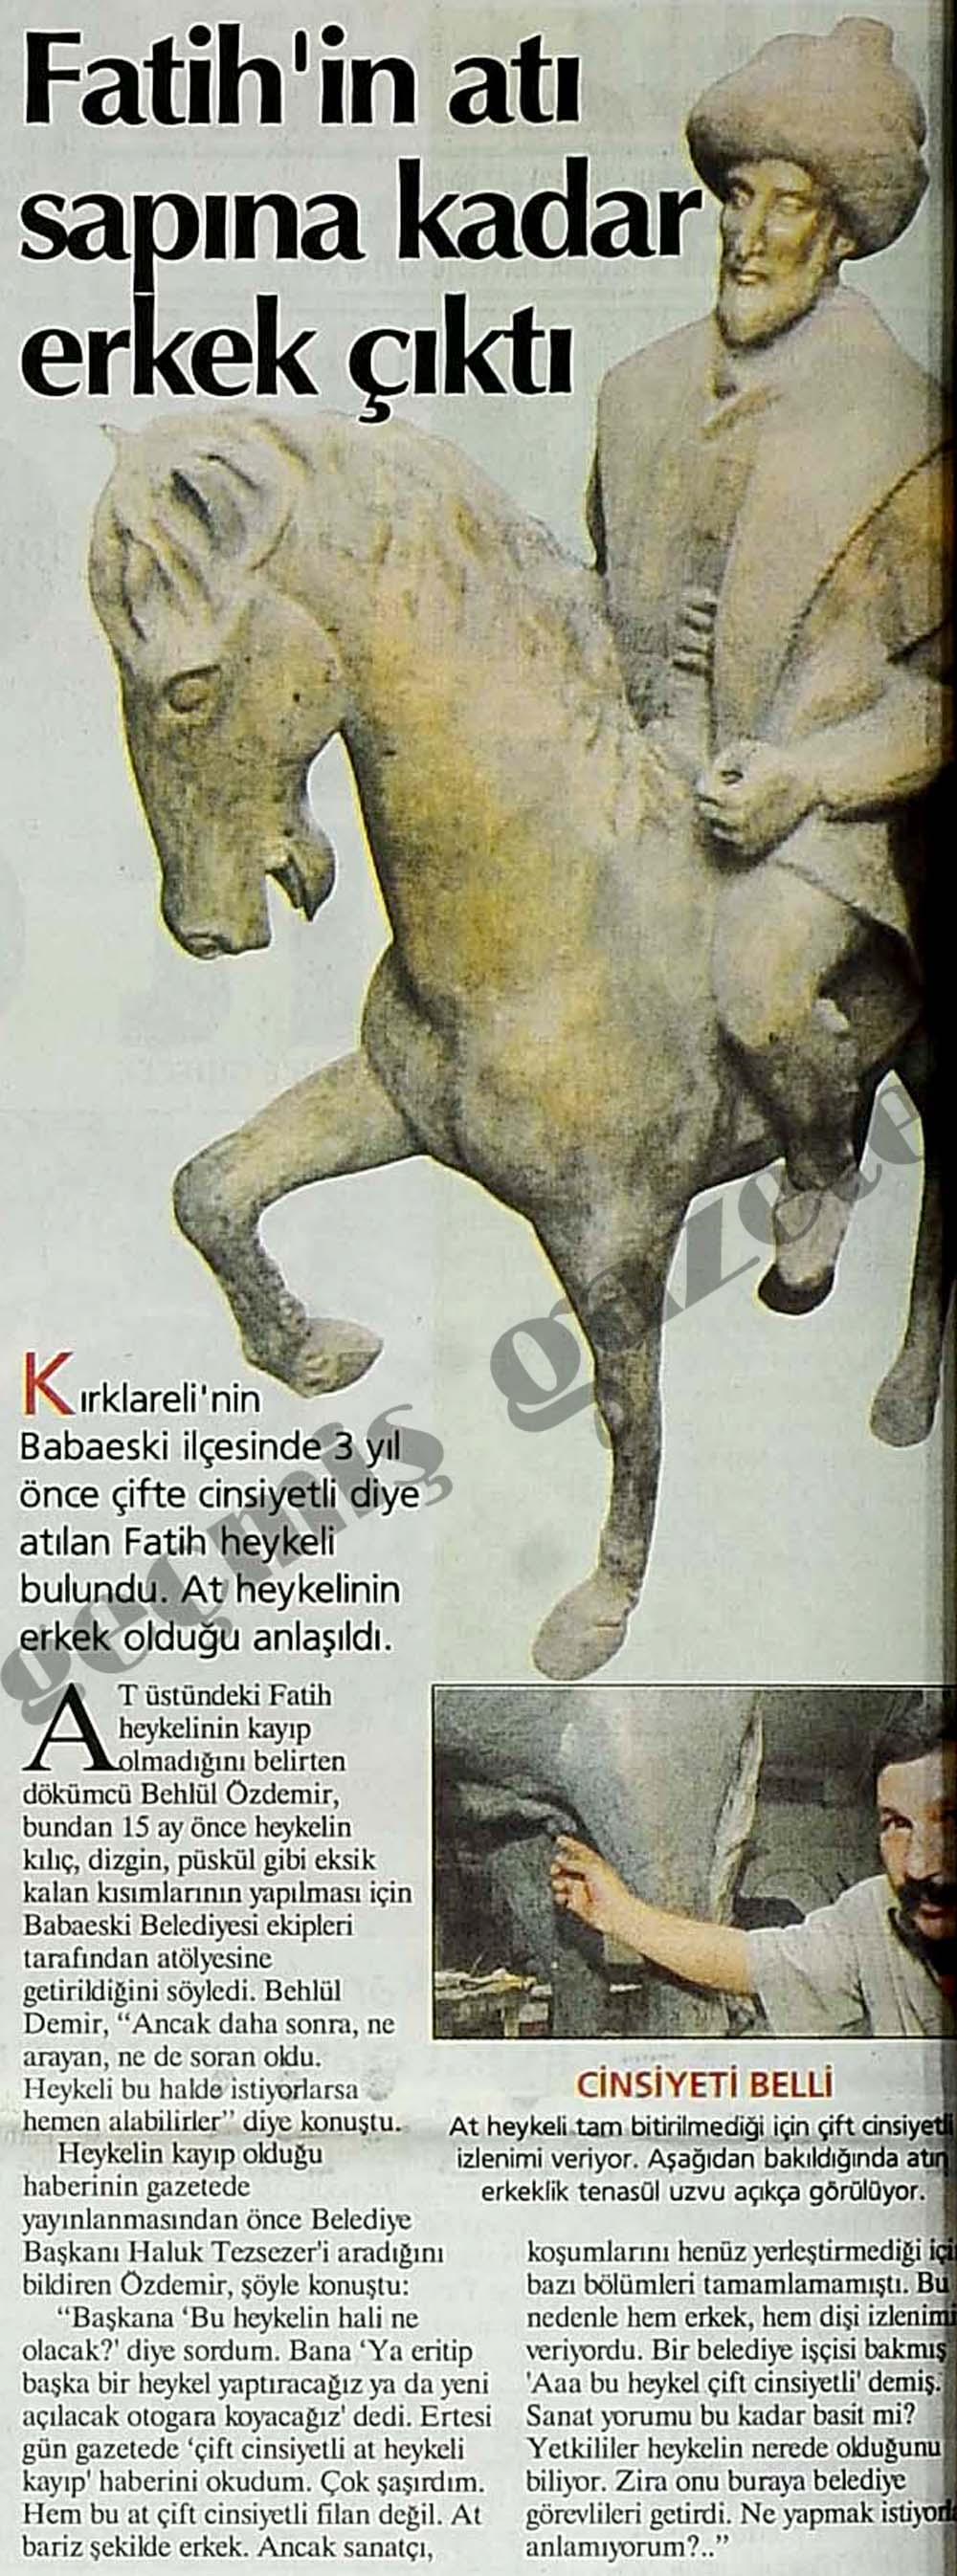 Fatih'in atı sapına kadar erkek çıktı